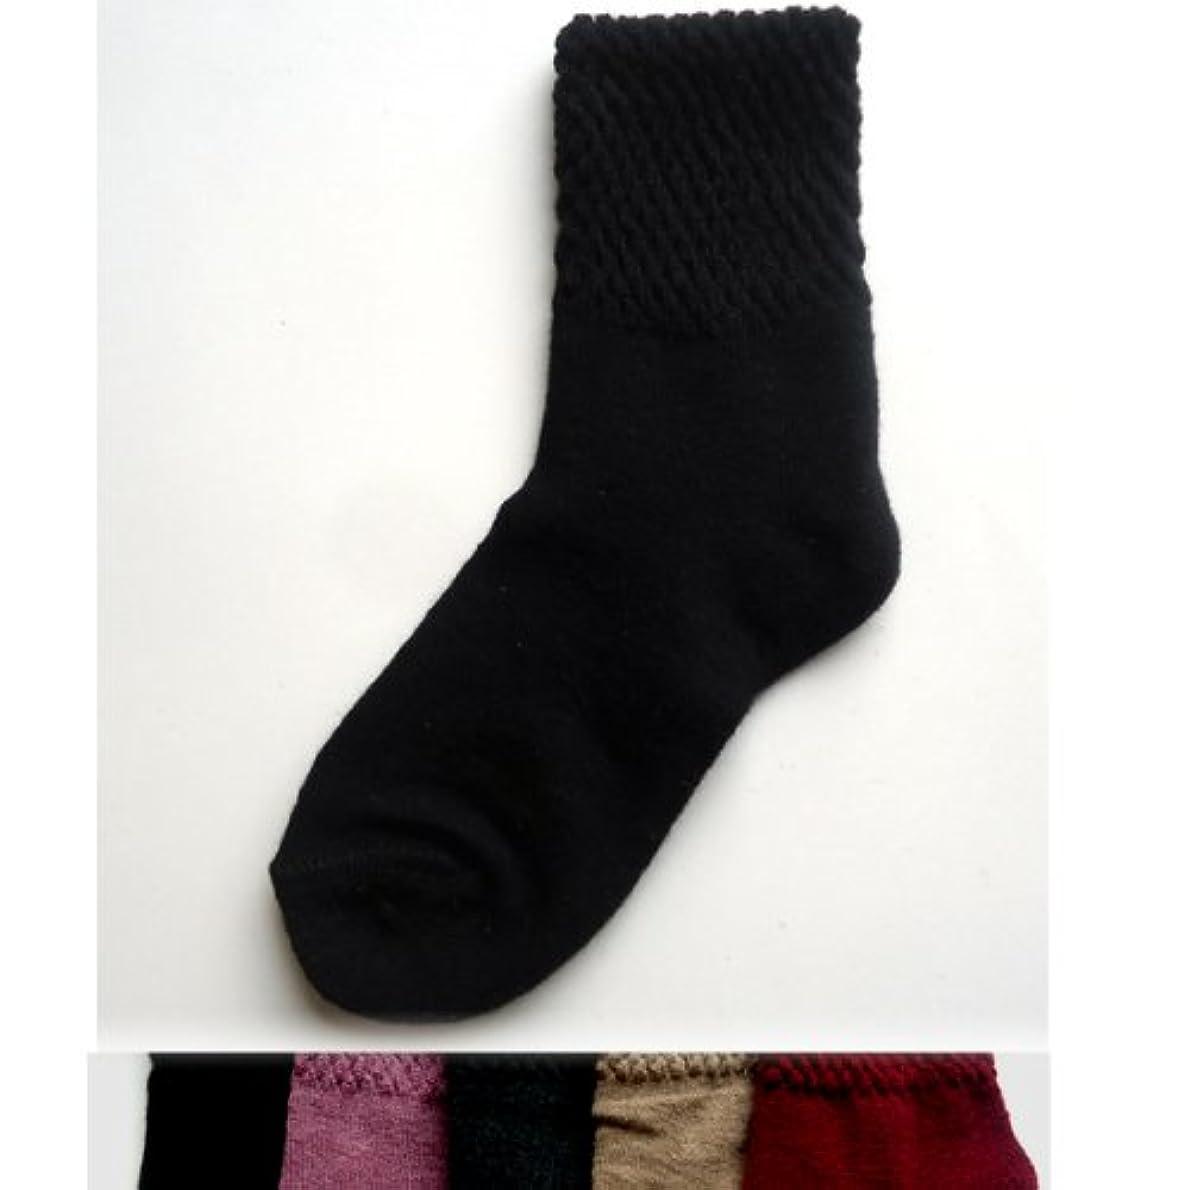 傑作振りかける神経障害靴下 あったか シルク混 二重編みパイナップルソックス 厚手 22~24cm お買得4足組(色はお任せ)